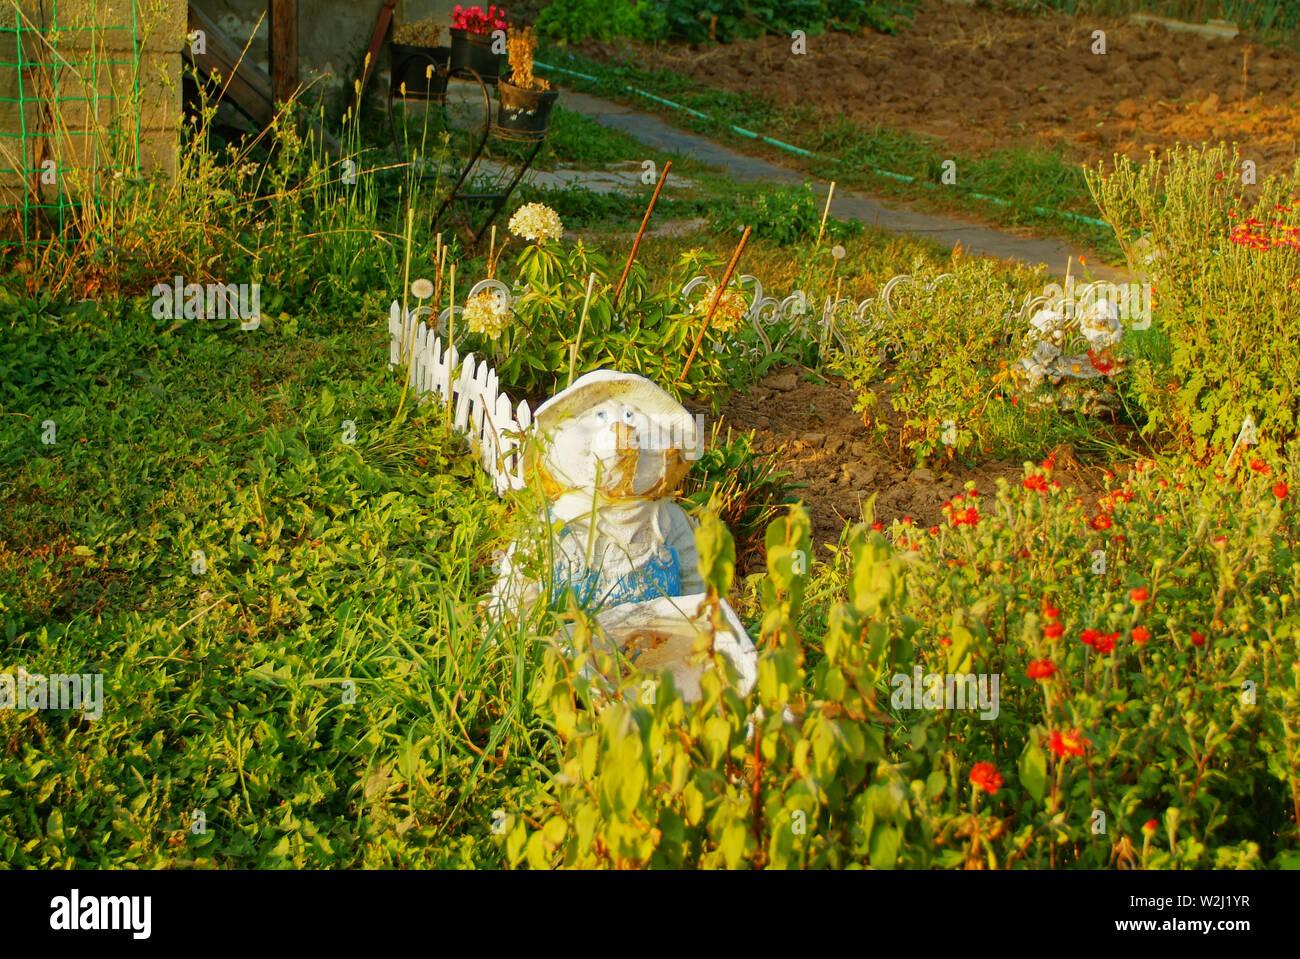 Patio Dekoration Im Herbst Stockfotos und bilder Kaufen Alamy